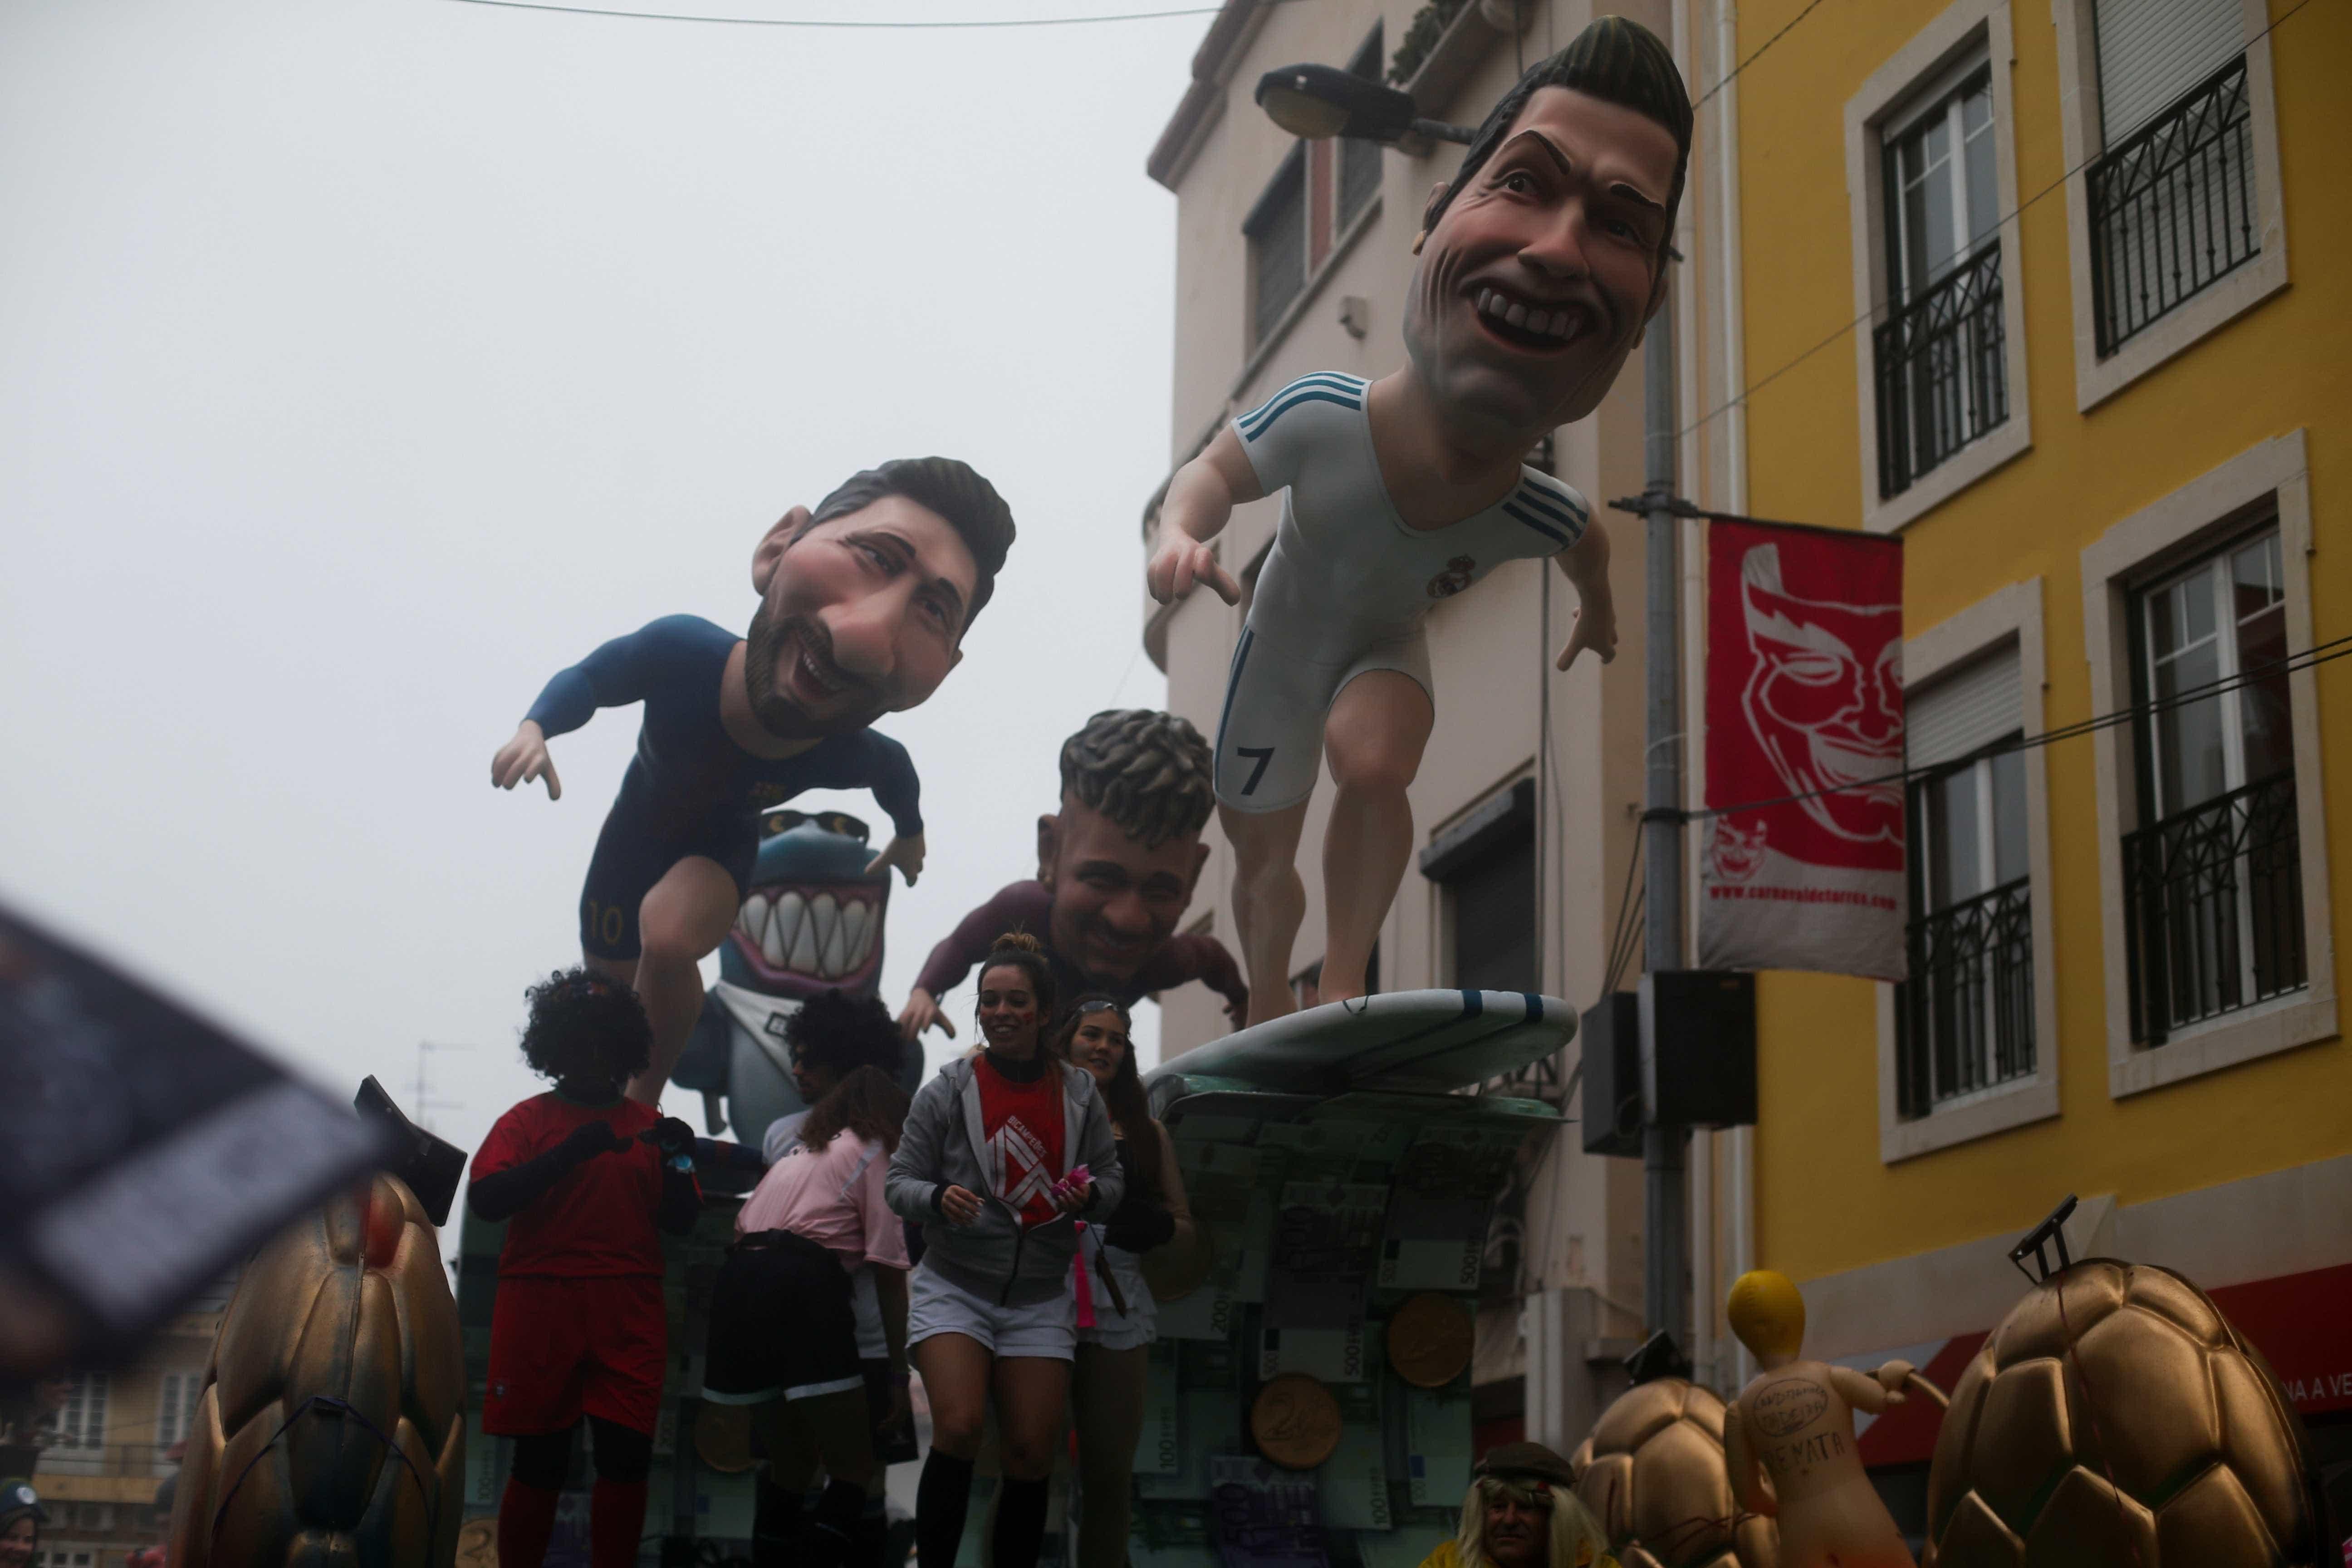 Imagens do Carnaval pelo mundo